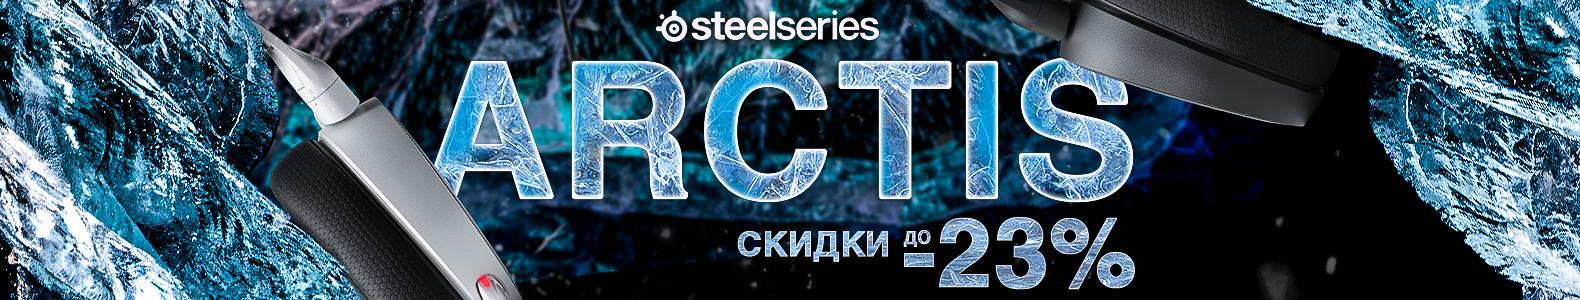 Скидки на линейку игровых гарнитур SteelSeries Arctis